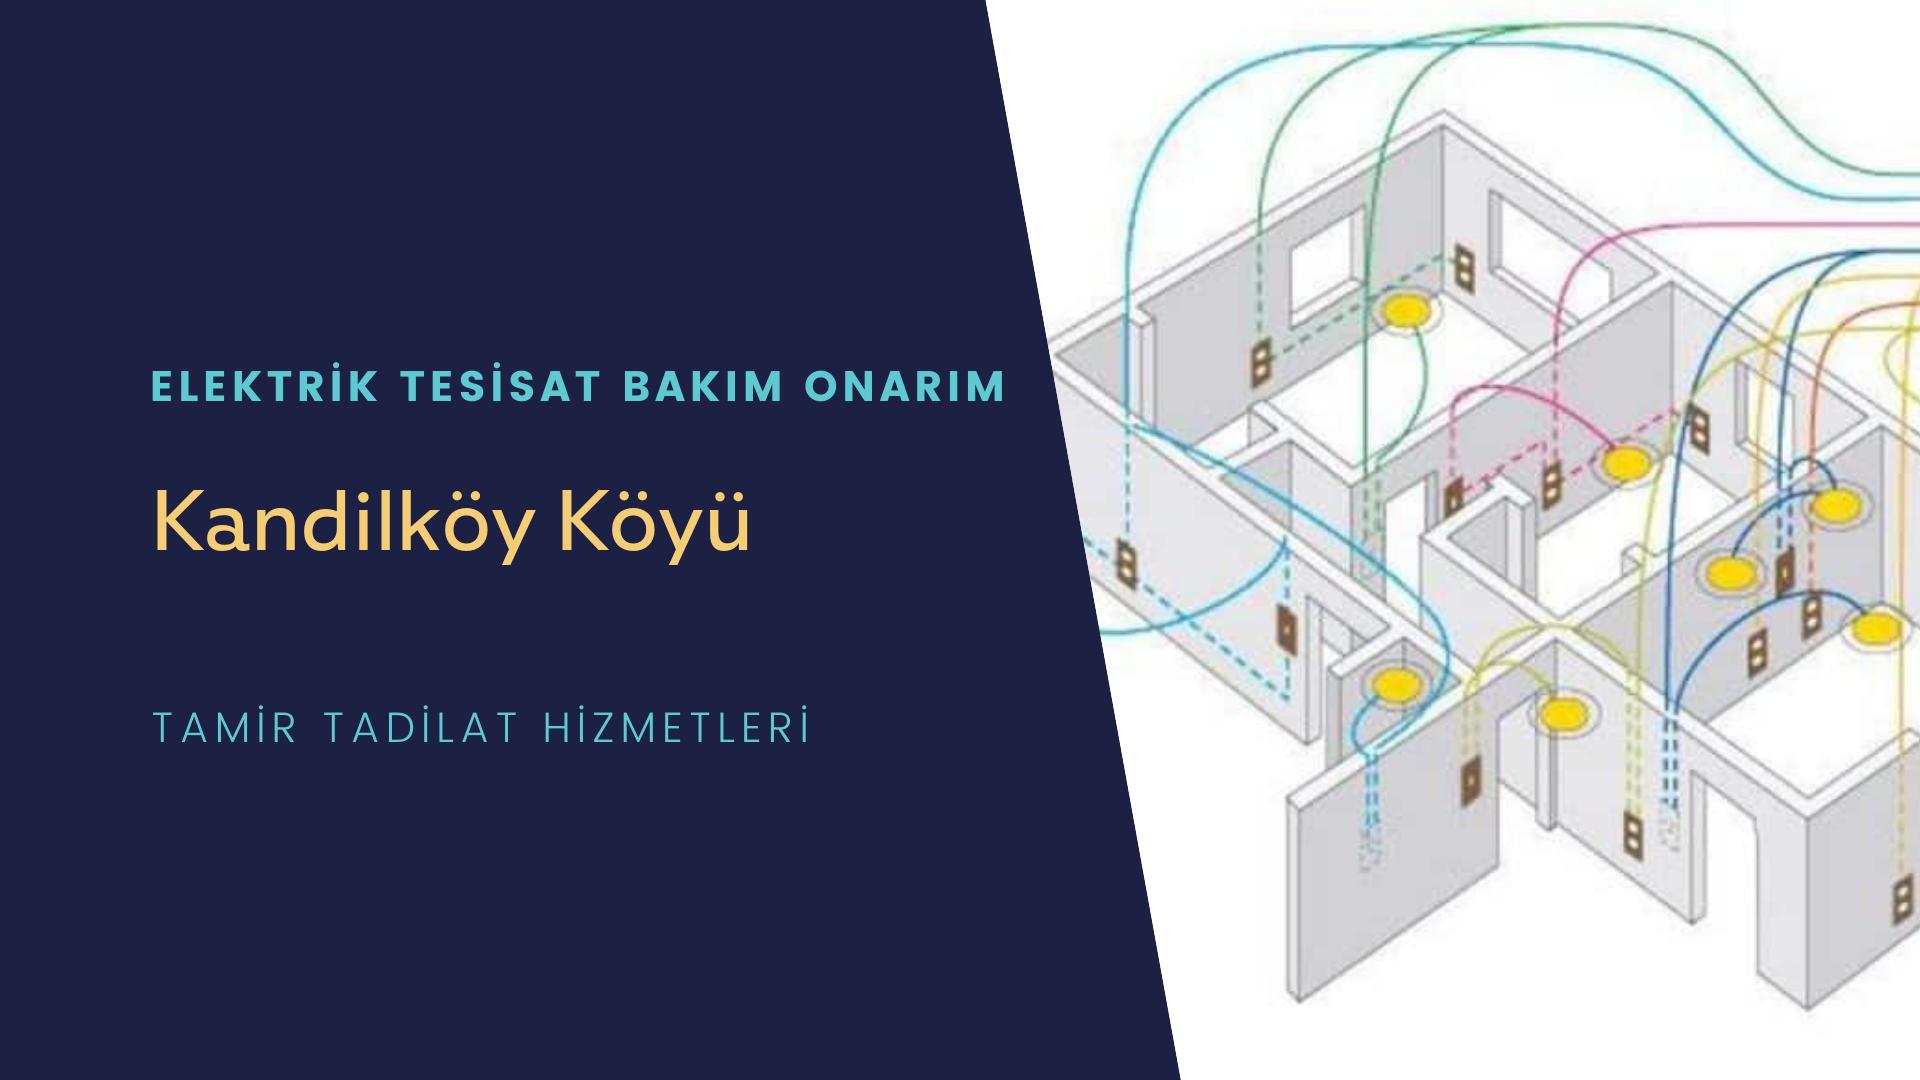 Kandilköy Köyü  elektrik tesisatıustalarımı arıyorsunuz doğru adrestenizi Kandilköy Köyü elektrik tesisatı ustalarımız 7/24 sizlere hizmet vermekten mutluluk duyar.